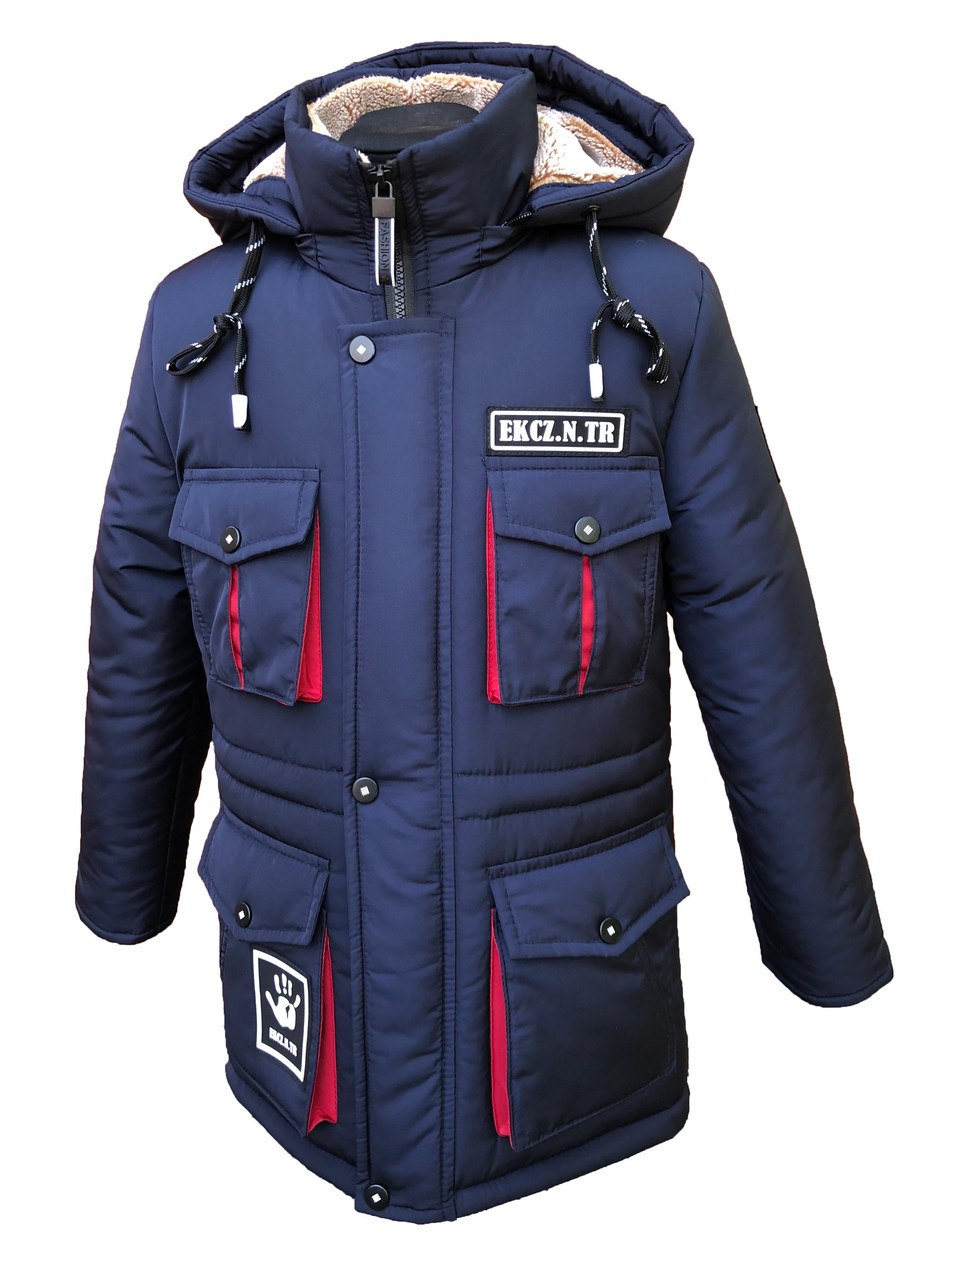 Зимова подовжена куртка-парка на хлопчика підлітка на овчині 134, 140 см